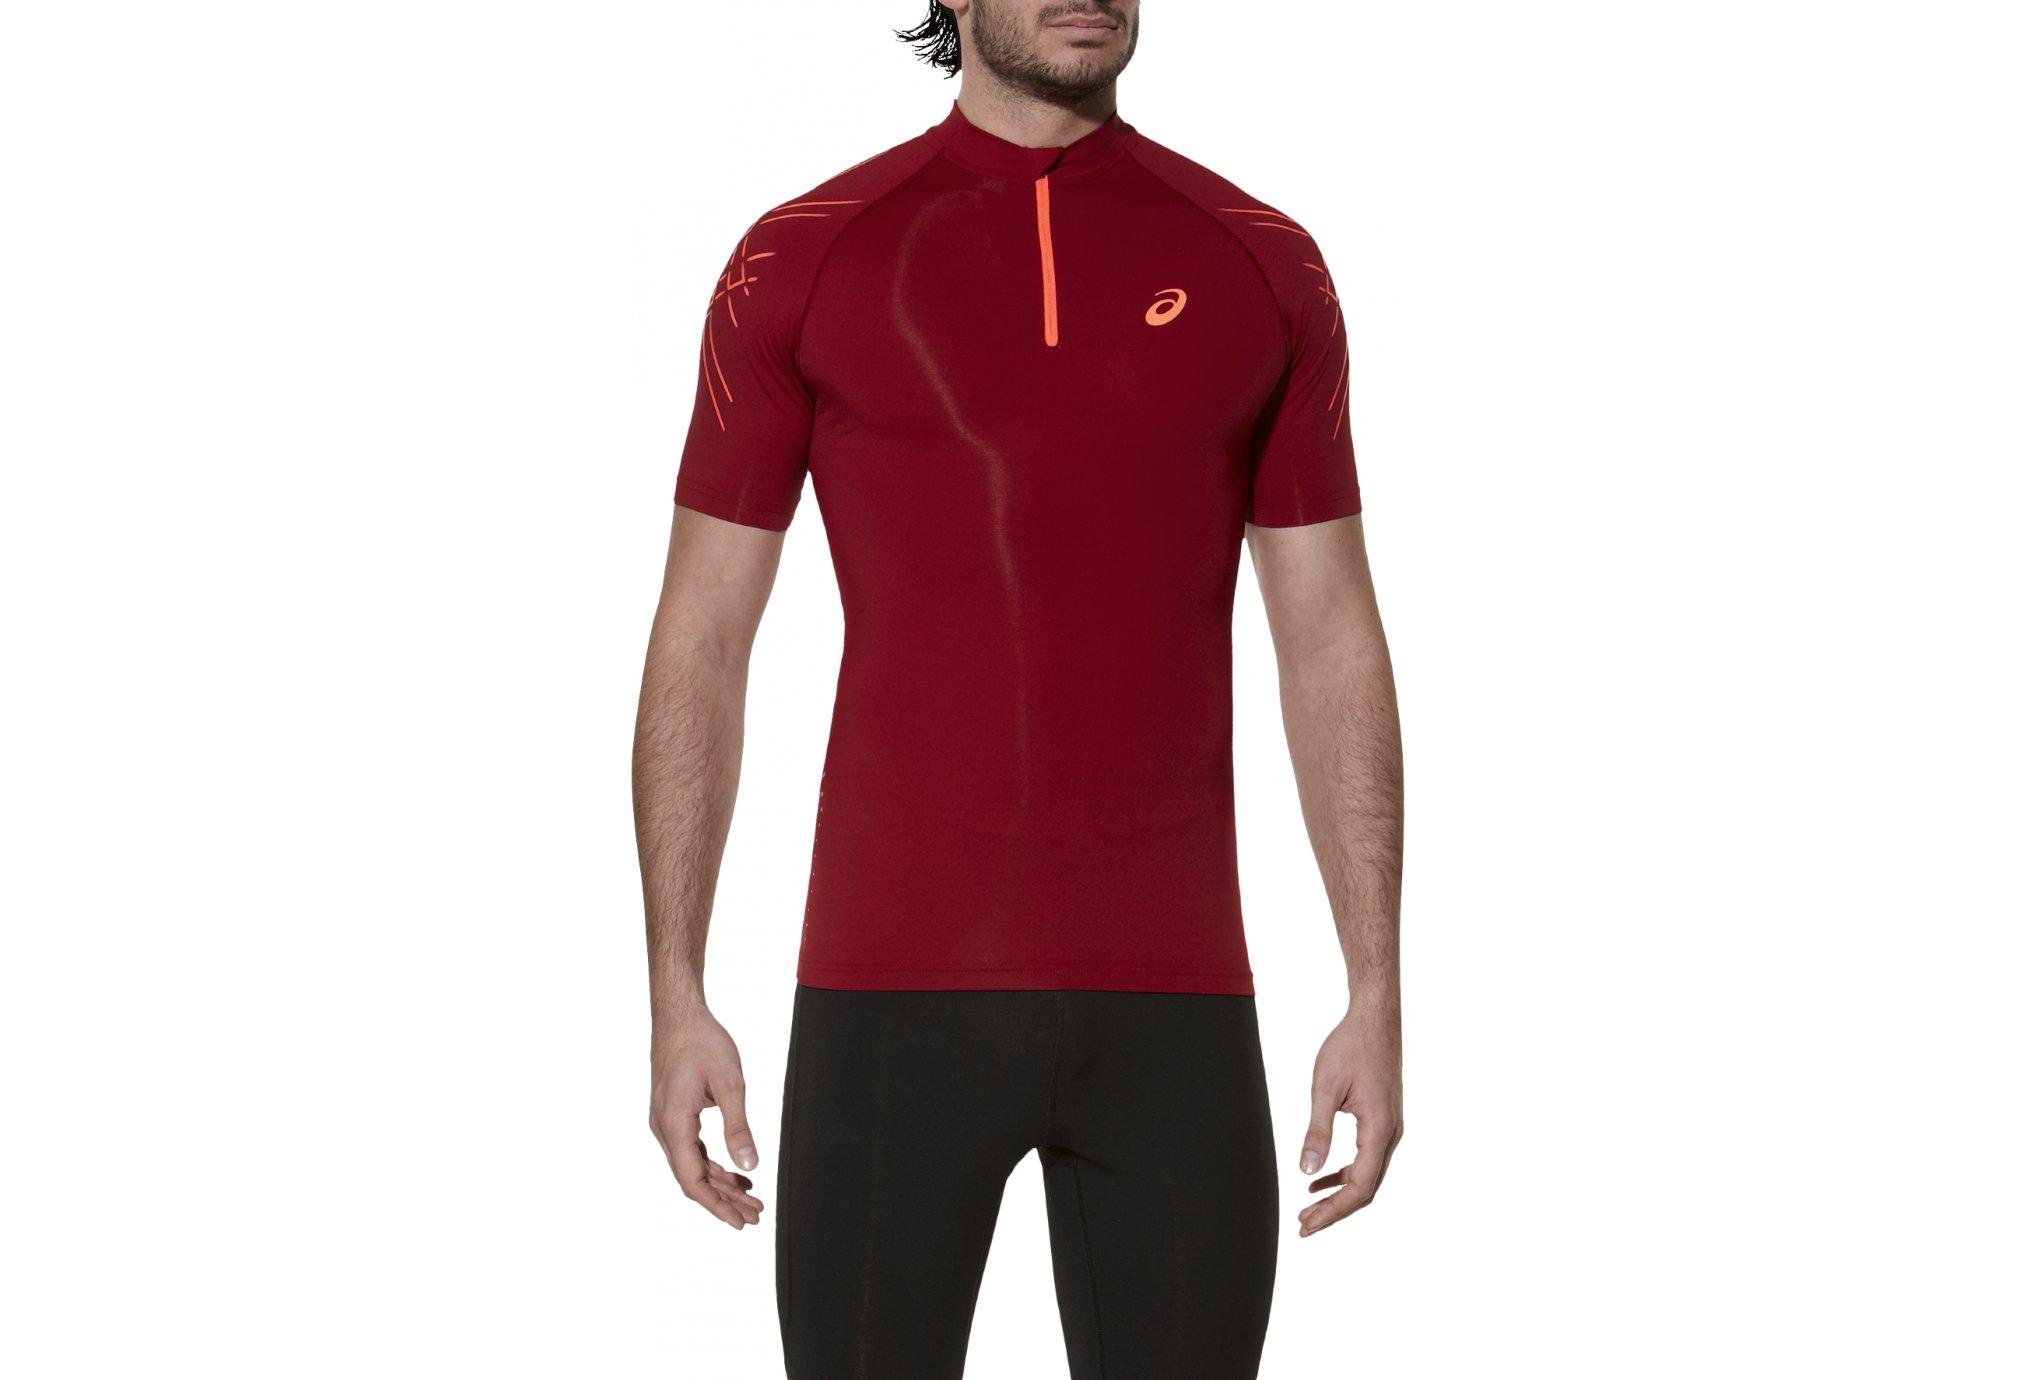 Asics Tee-Shirt inner muscle 1/2 zip m vêtement running homme